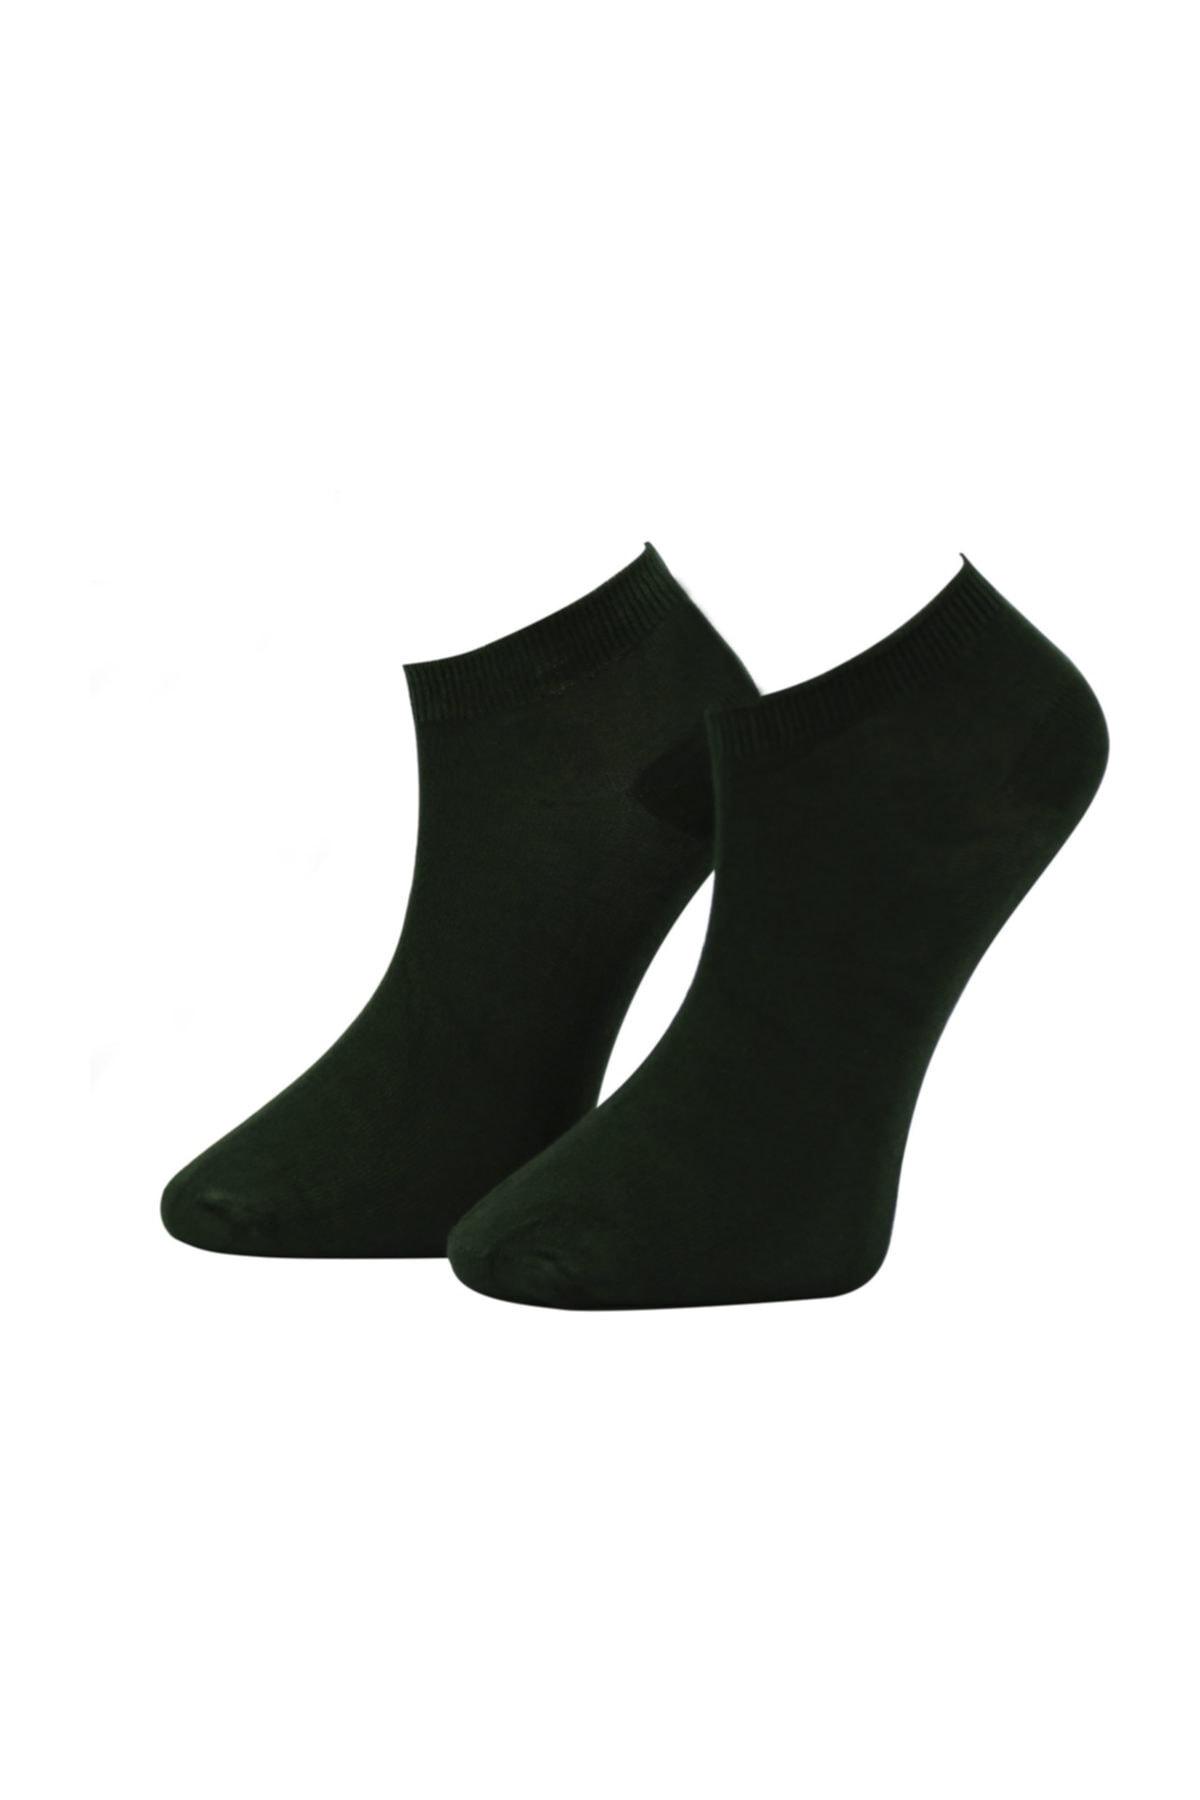 Kadın Siyah Bambu Dikişsiz Soket Kısa Çorap 12 Çift